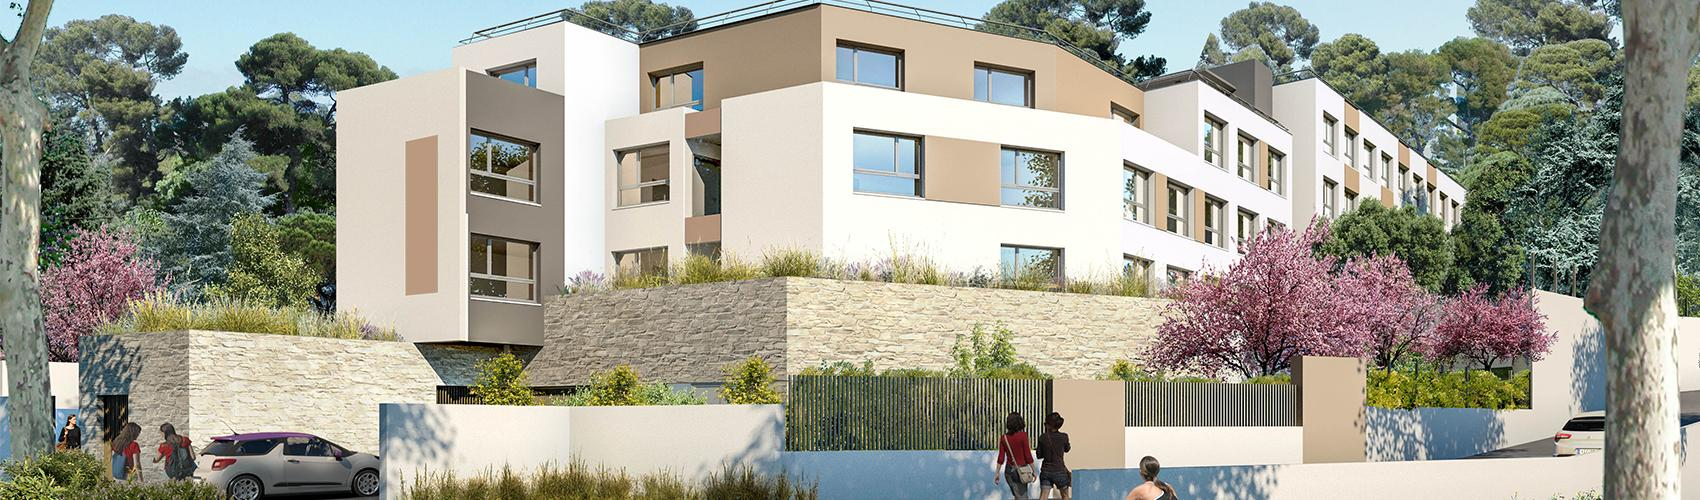 Photo du programme immobilier neuf MPL-2290 à Montpellier